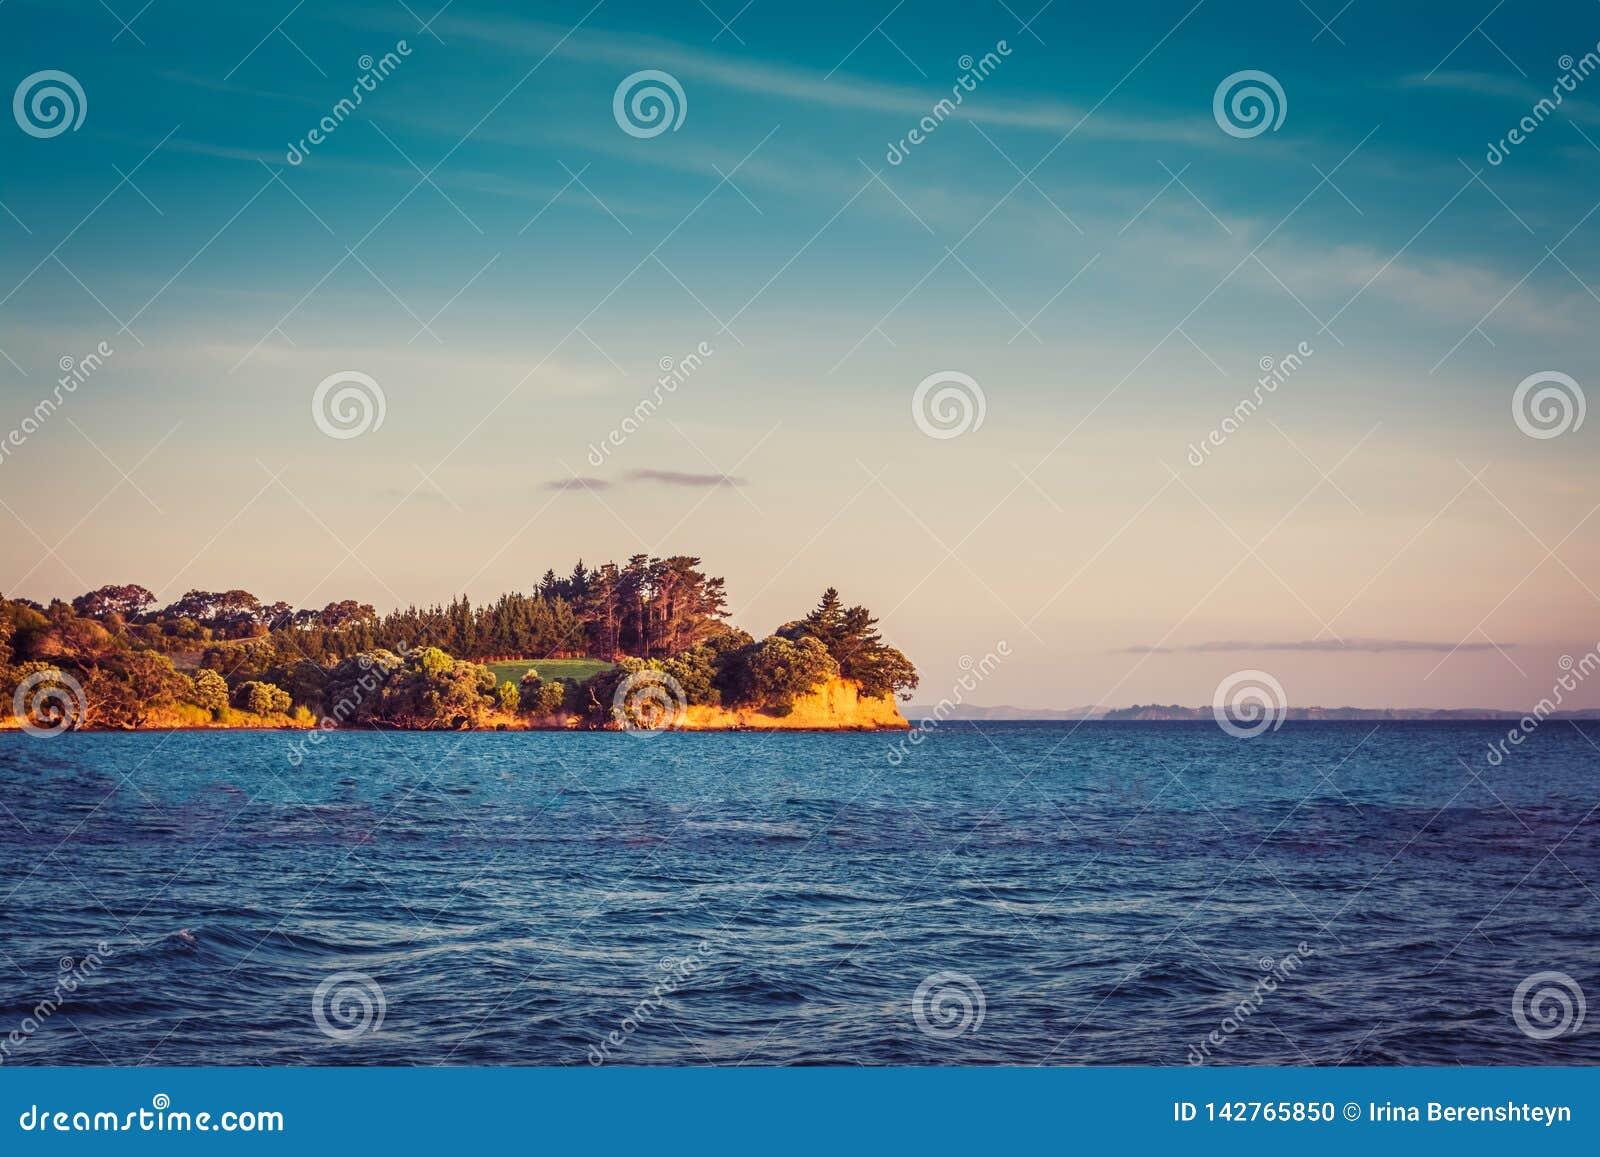 Nyazeeländskt iconic landskap - llushgräsplan av träden och klippan över det blåa havet